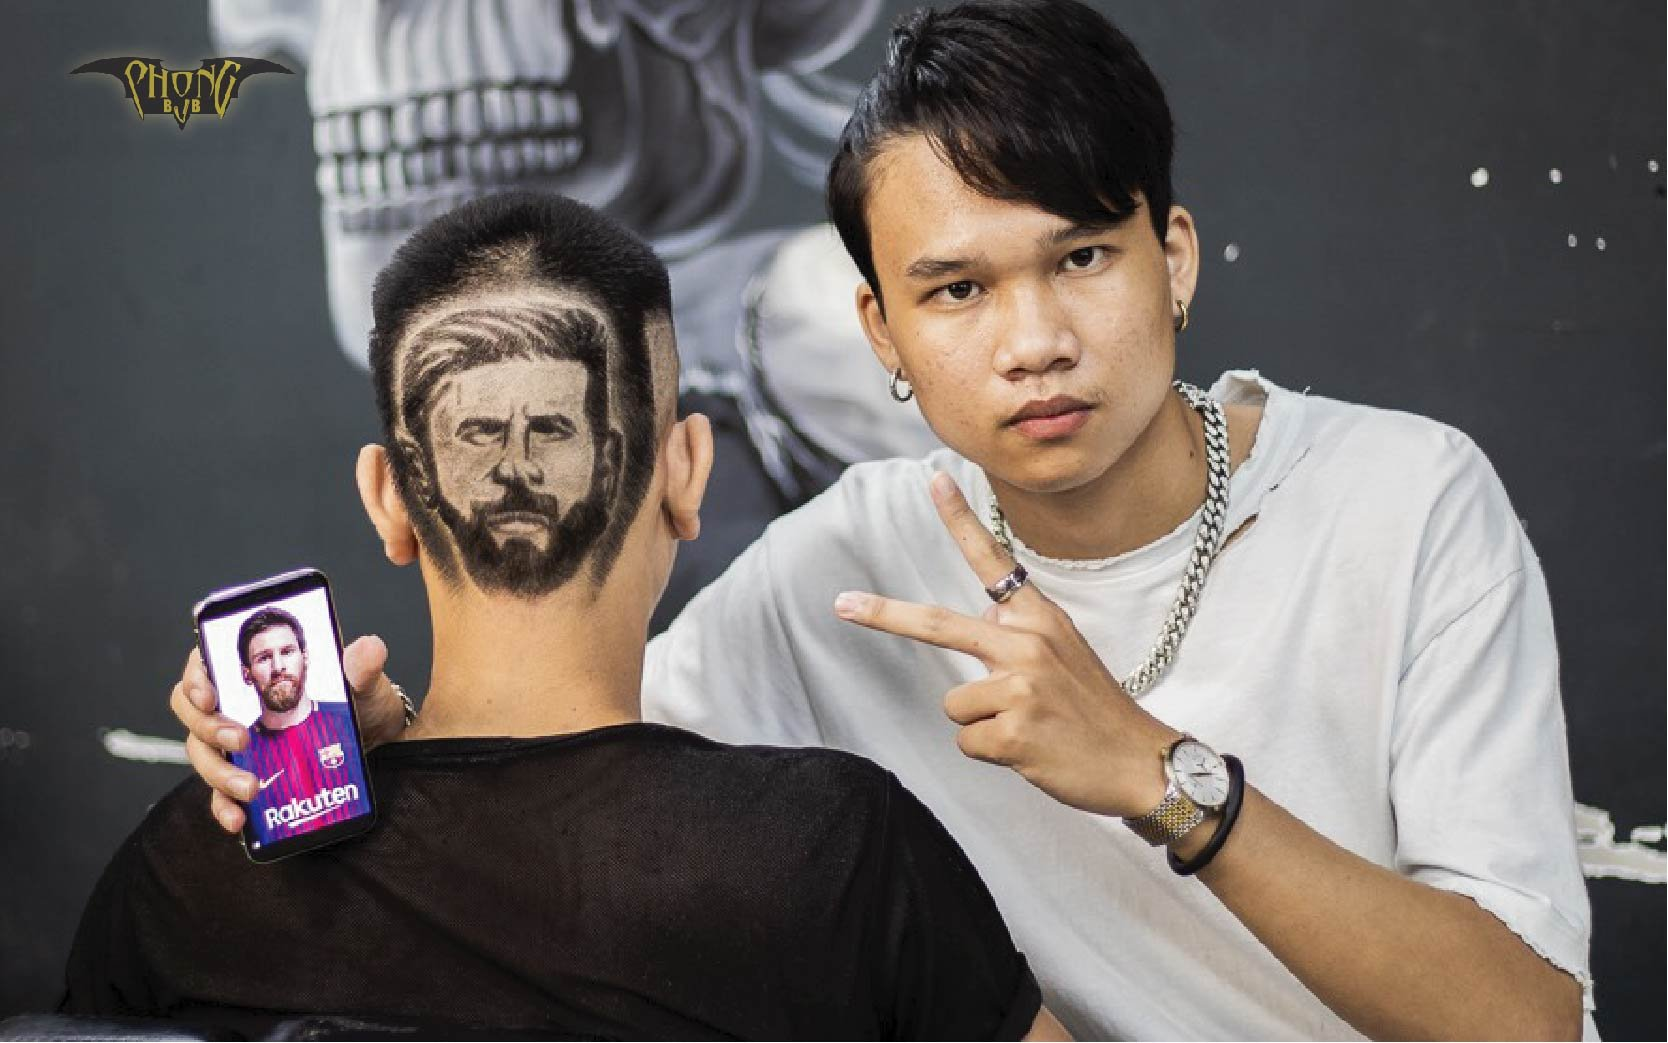 Mẹo để thợ cắt tóc hiểu ý - Biến kiểu tóc trong mơ thành hiện thực